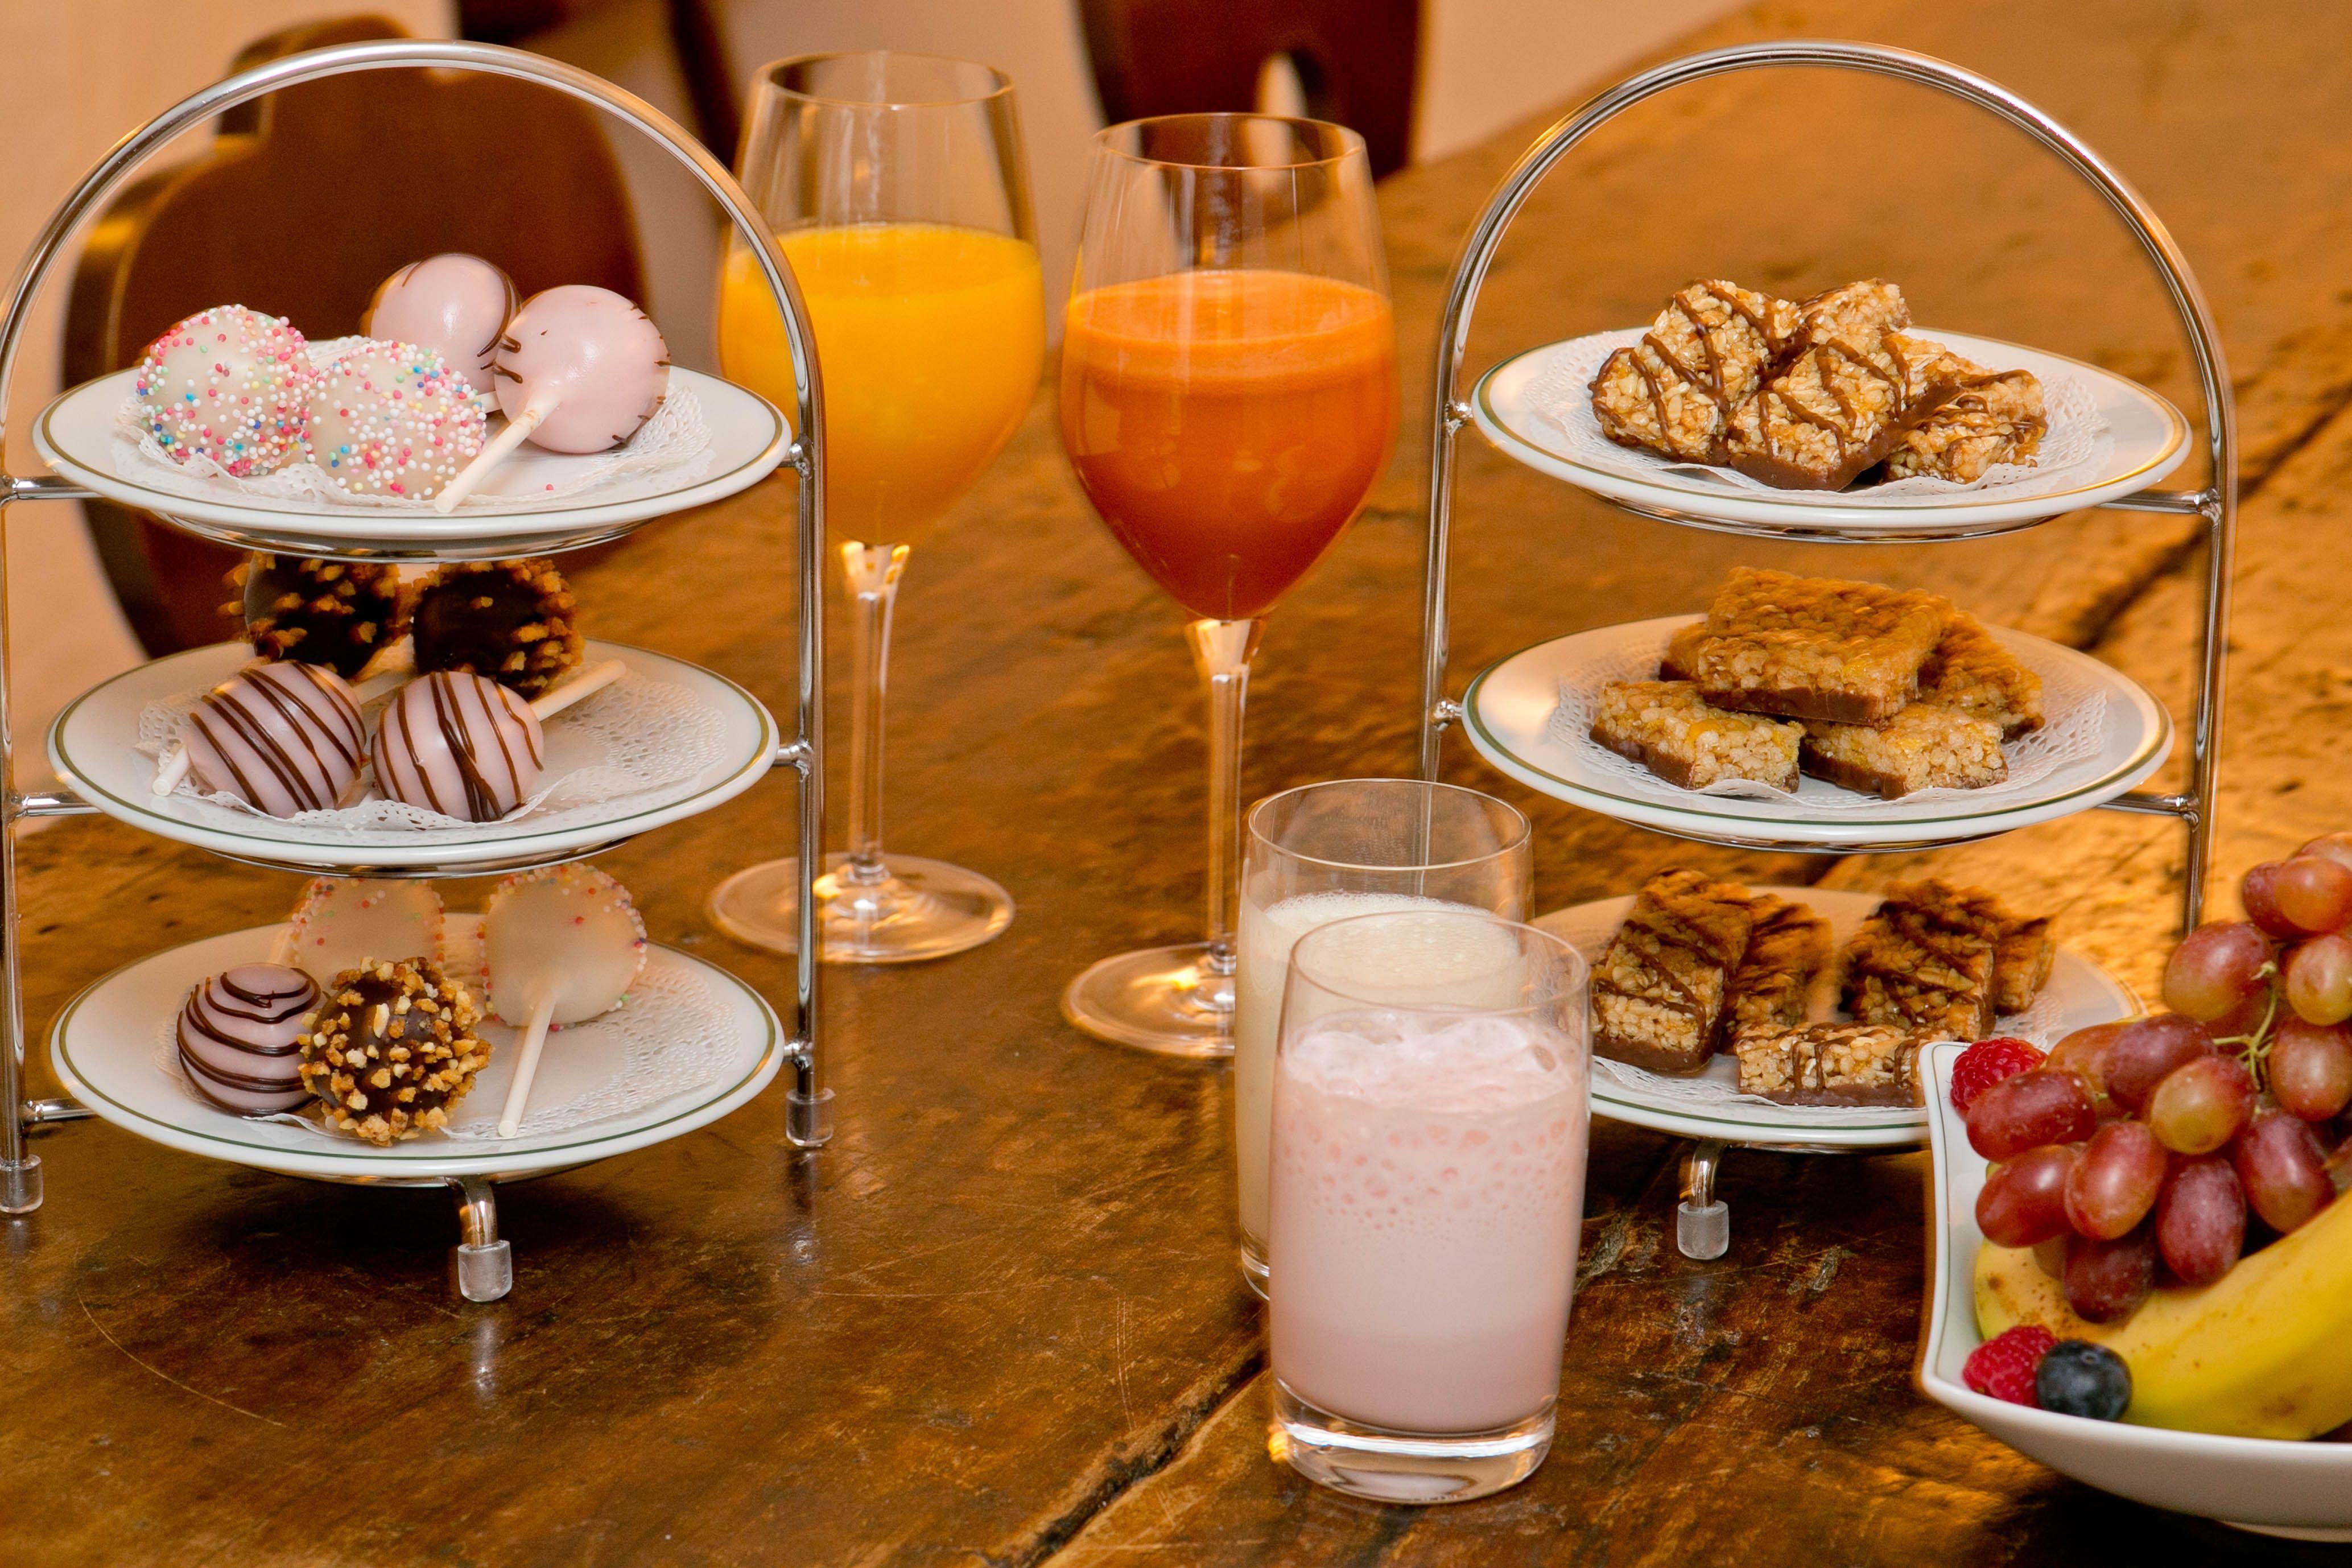 """DIE VITALE - Erfrischende Milchshakes und fruchtige Smoothies, Auswahl an Müsliriegel und eine süße Überraschung aus der hauseigenen Patisserie """"Sweet Sticks"""" und frisches Obst."""